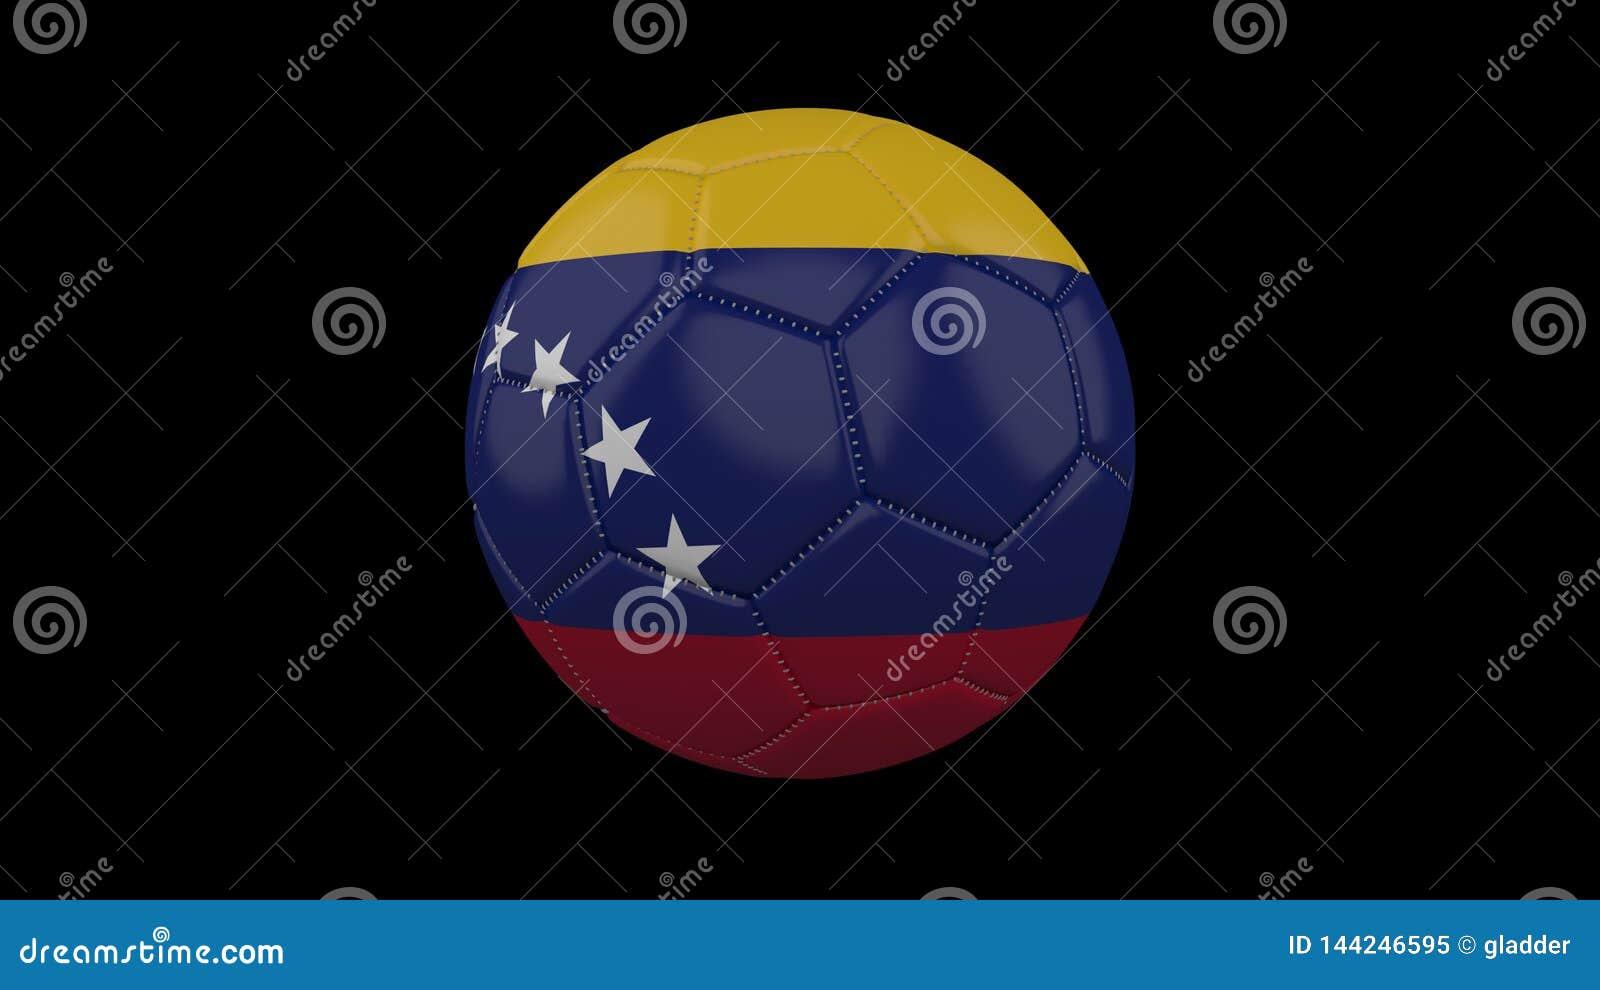 Pallone da calcio con la bandiera Venezuela, rappresentazione 3d